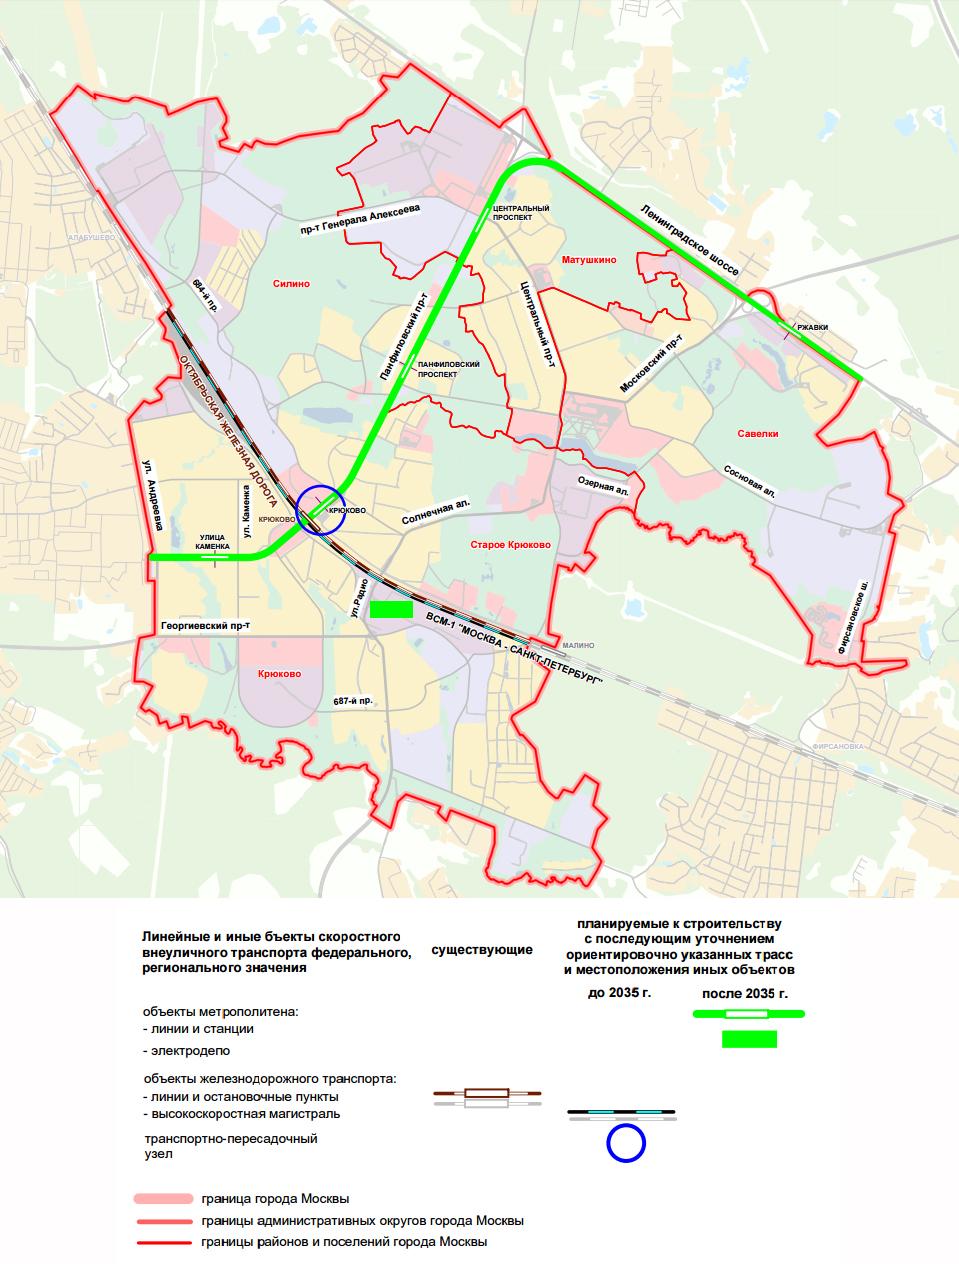 схема проезда по зеленограду